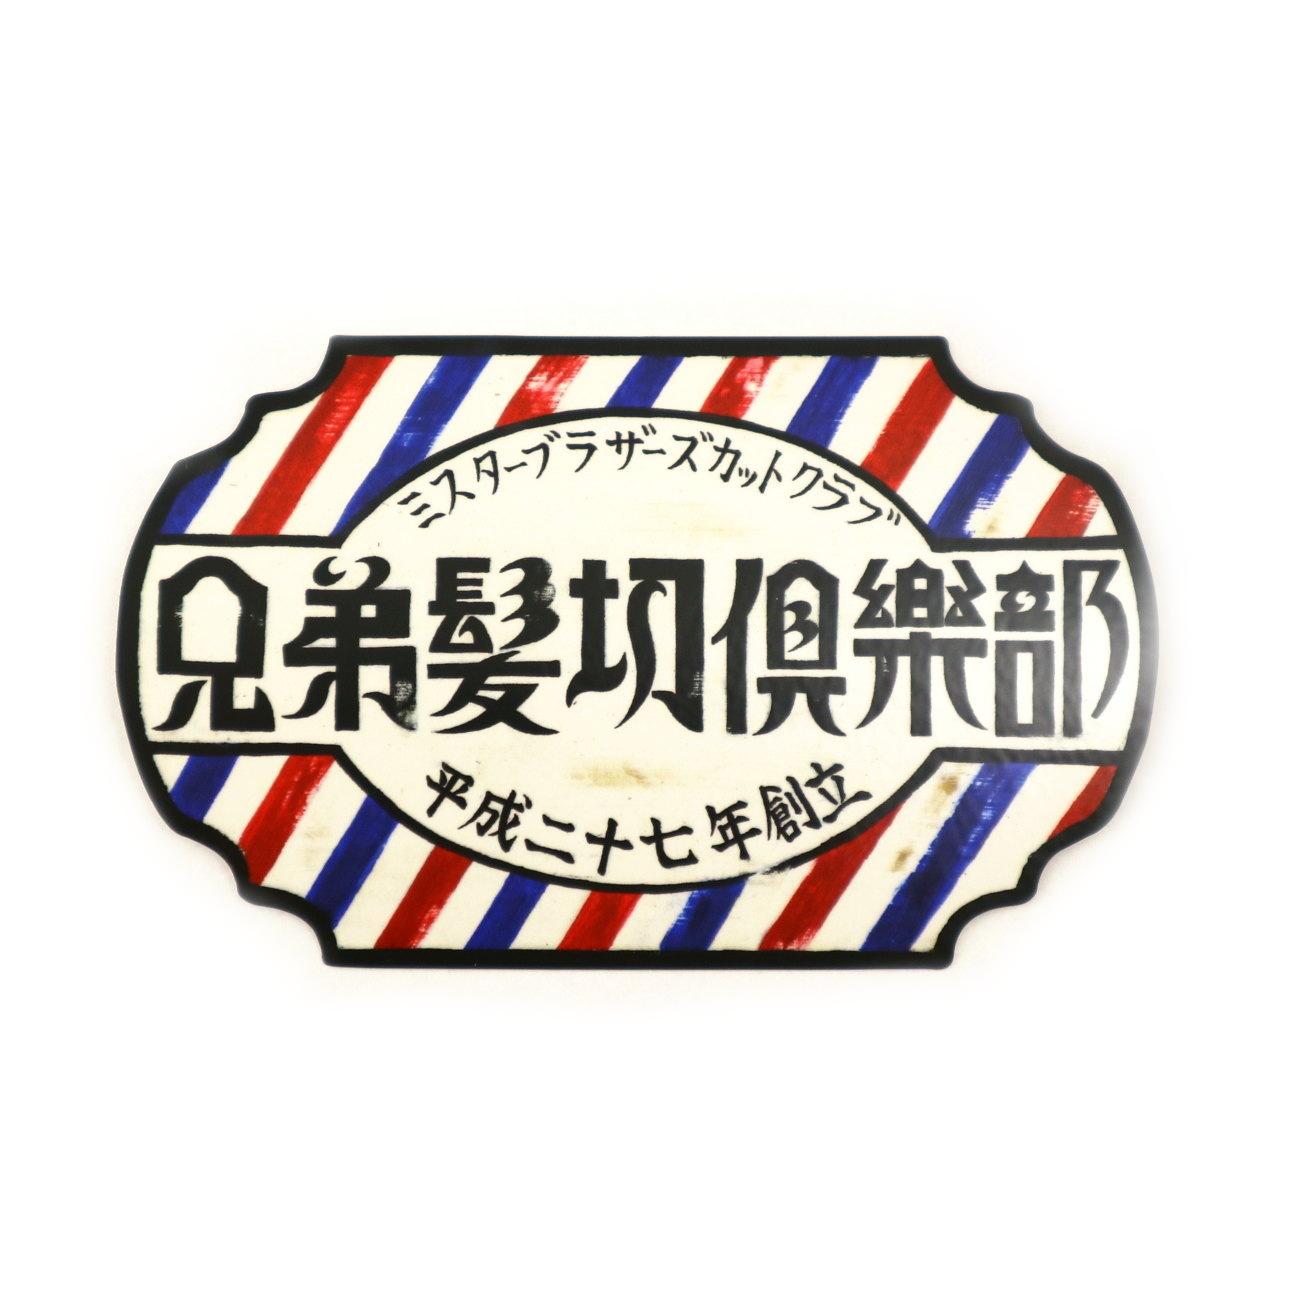 兄弟髪切倶楽部/MR.BROTHERSオリジナル(ステッカー)